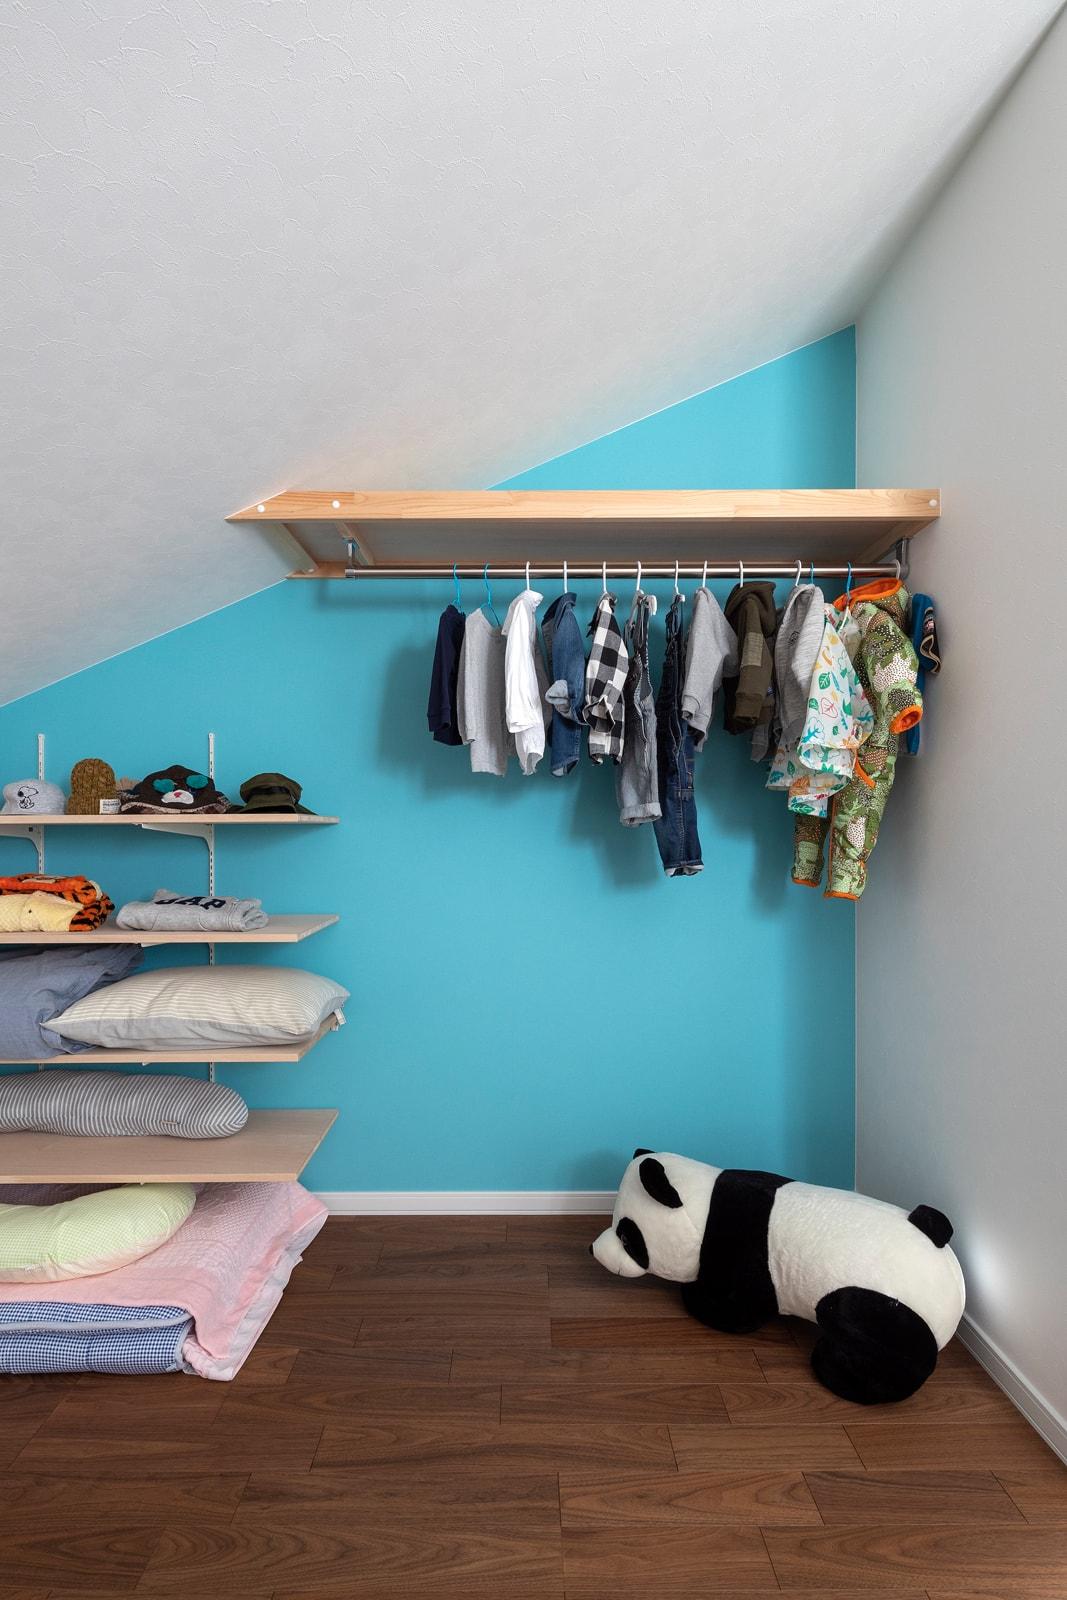 色鮮やかなアクセントウォールに、壁付けの収納棚やクローゼットハンガーを造作し、使い勝手もよく